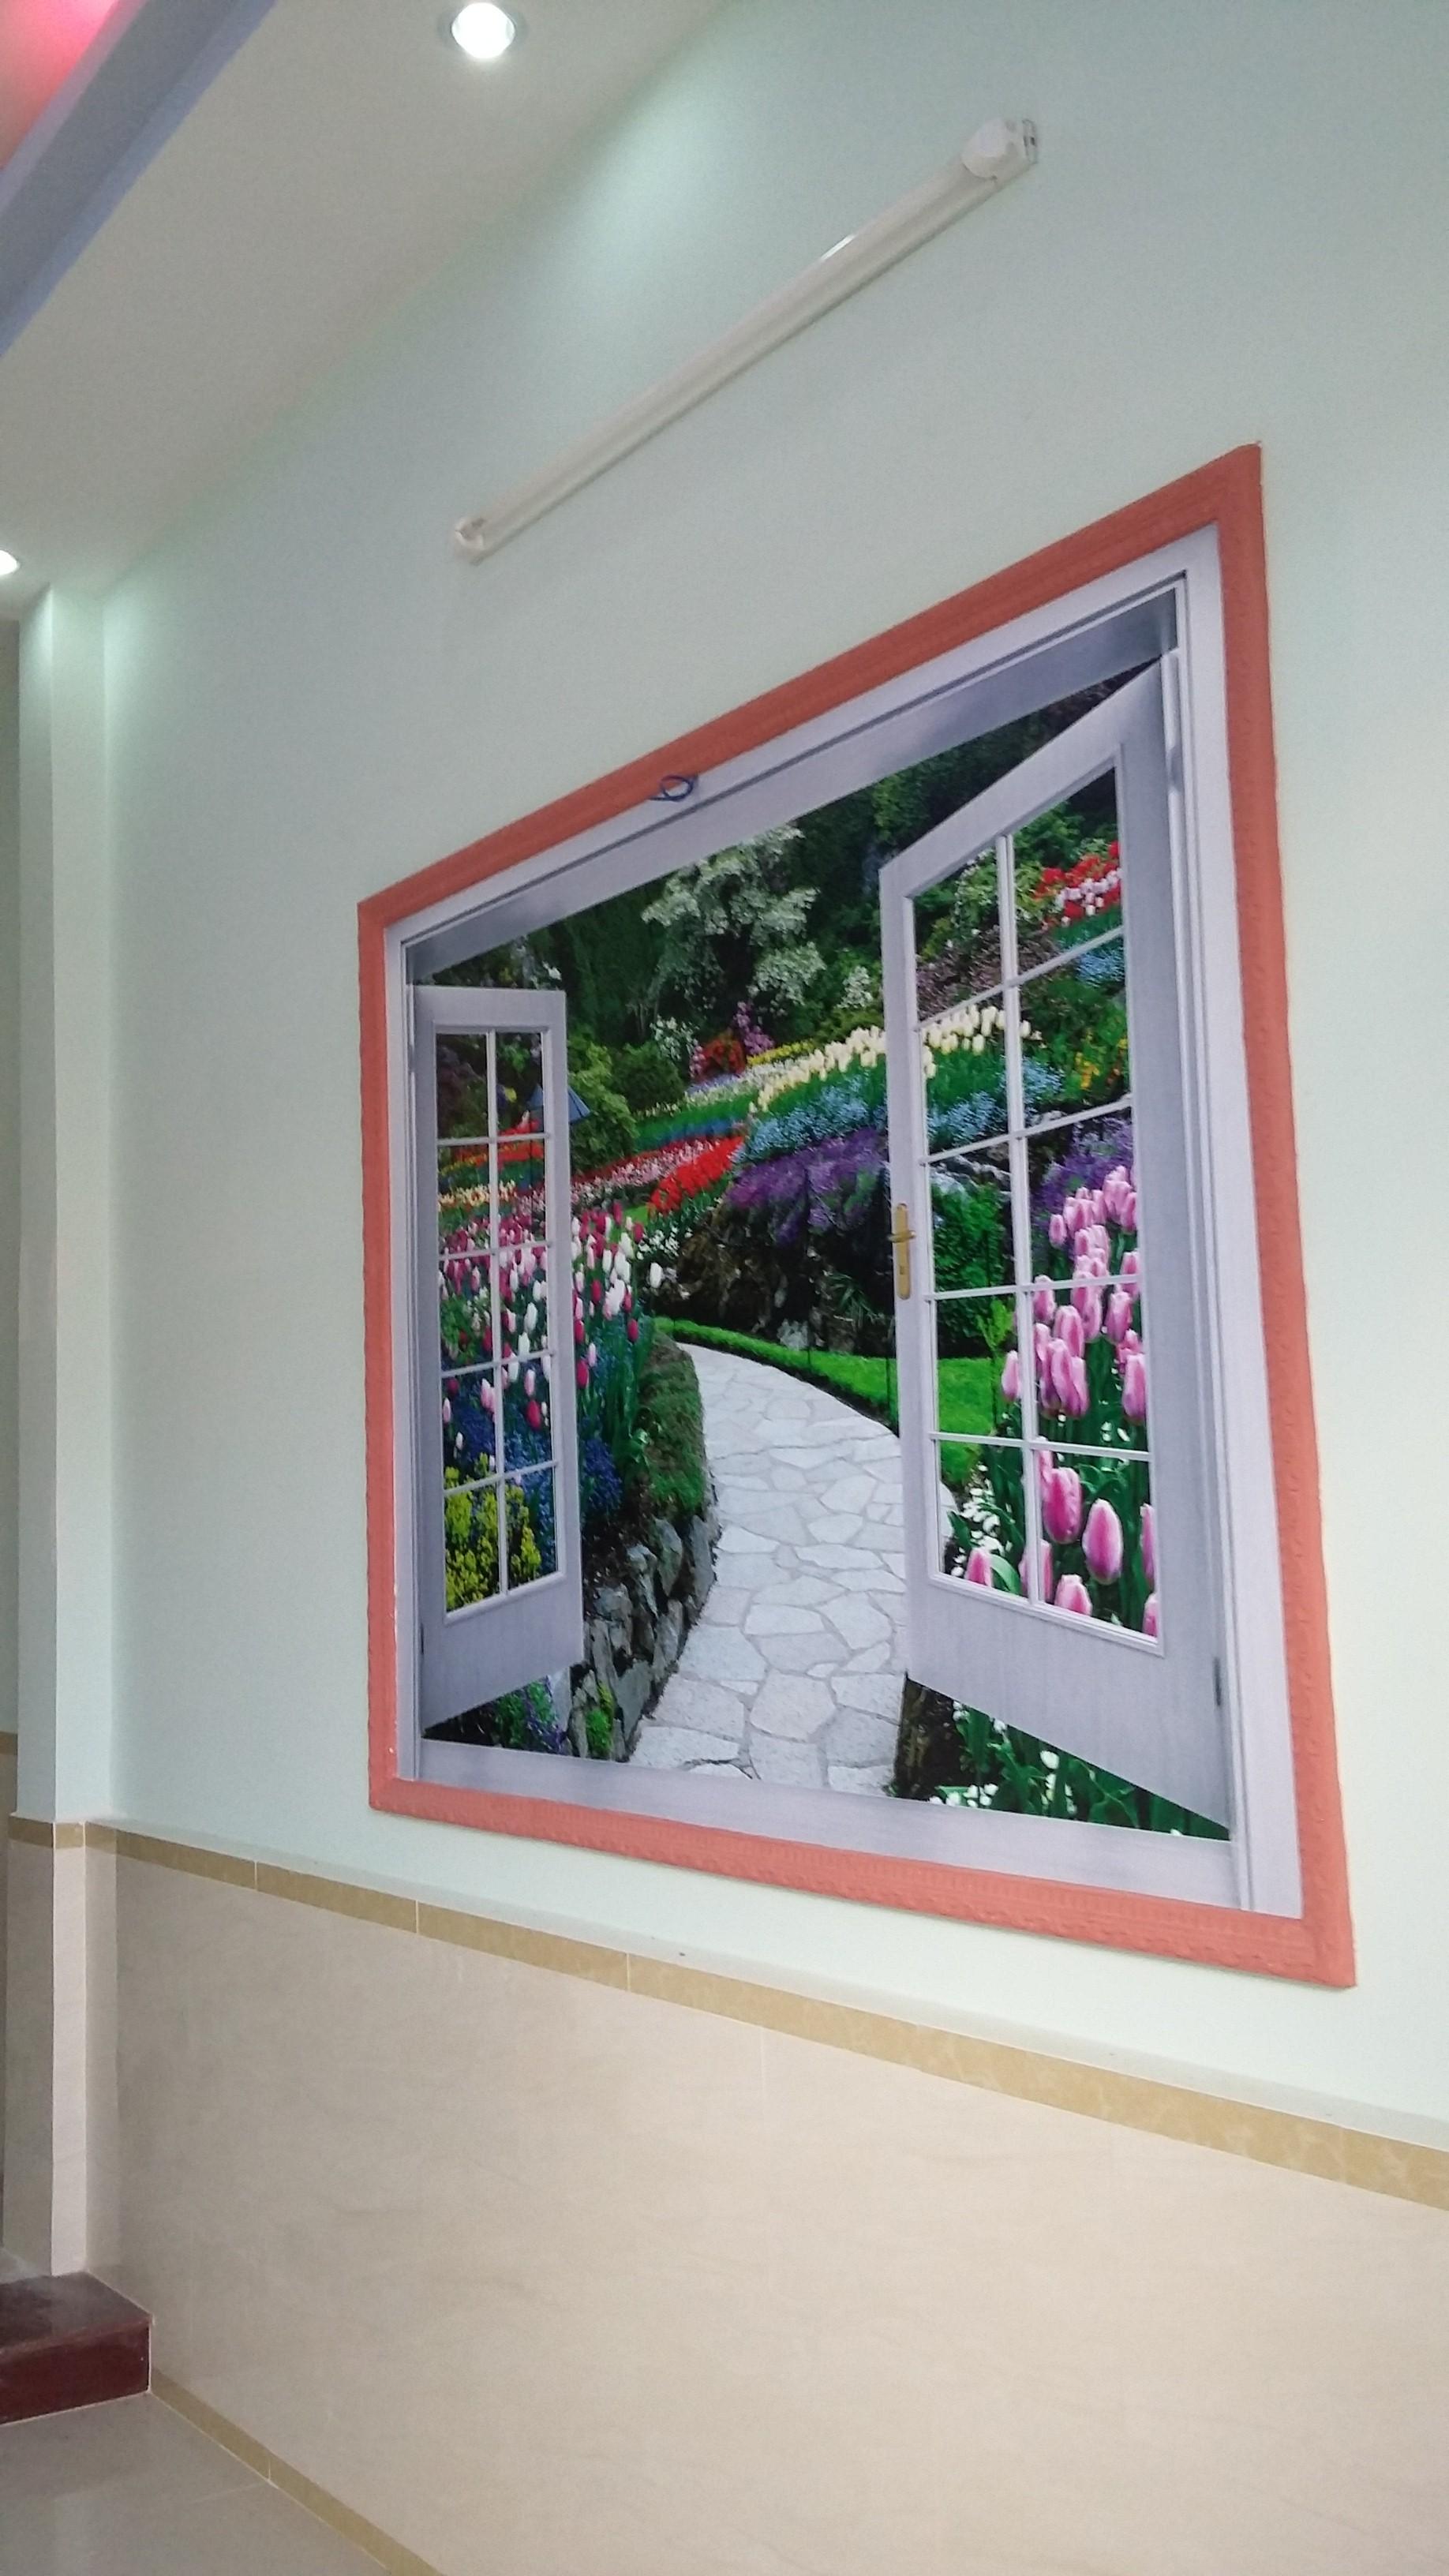 trang trí nhà gấp 1 lầu, 1 trệt vị trí đẹp ở dĩ an